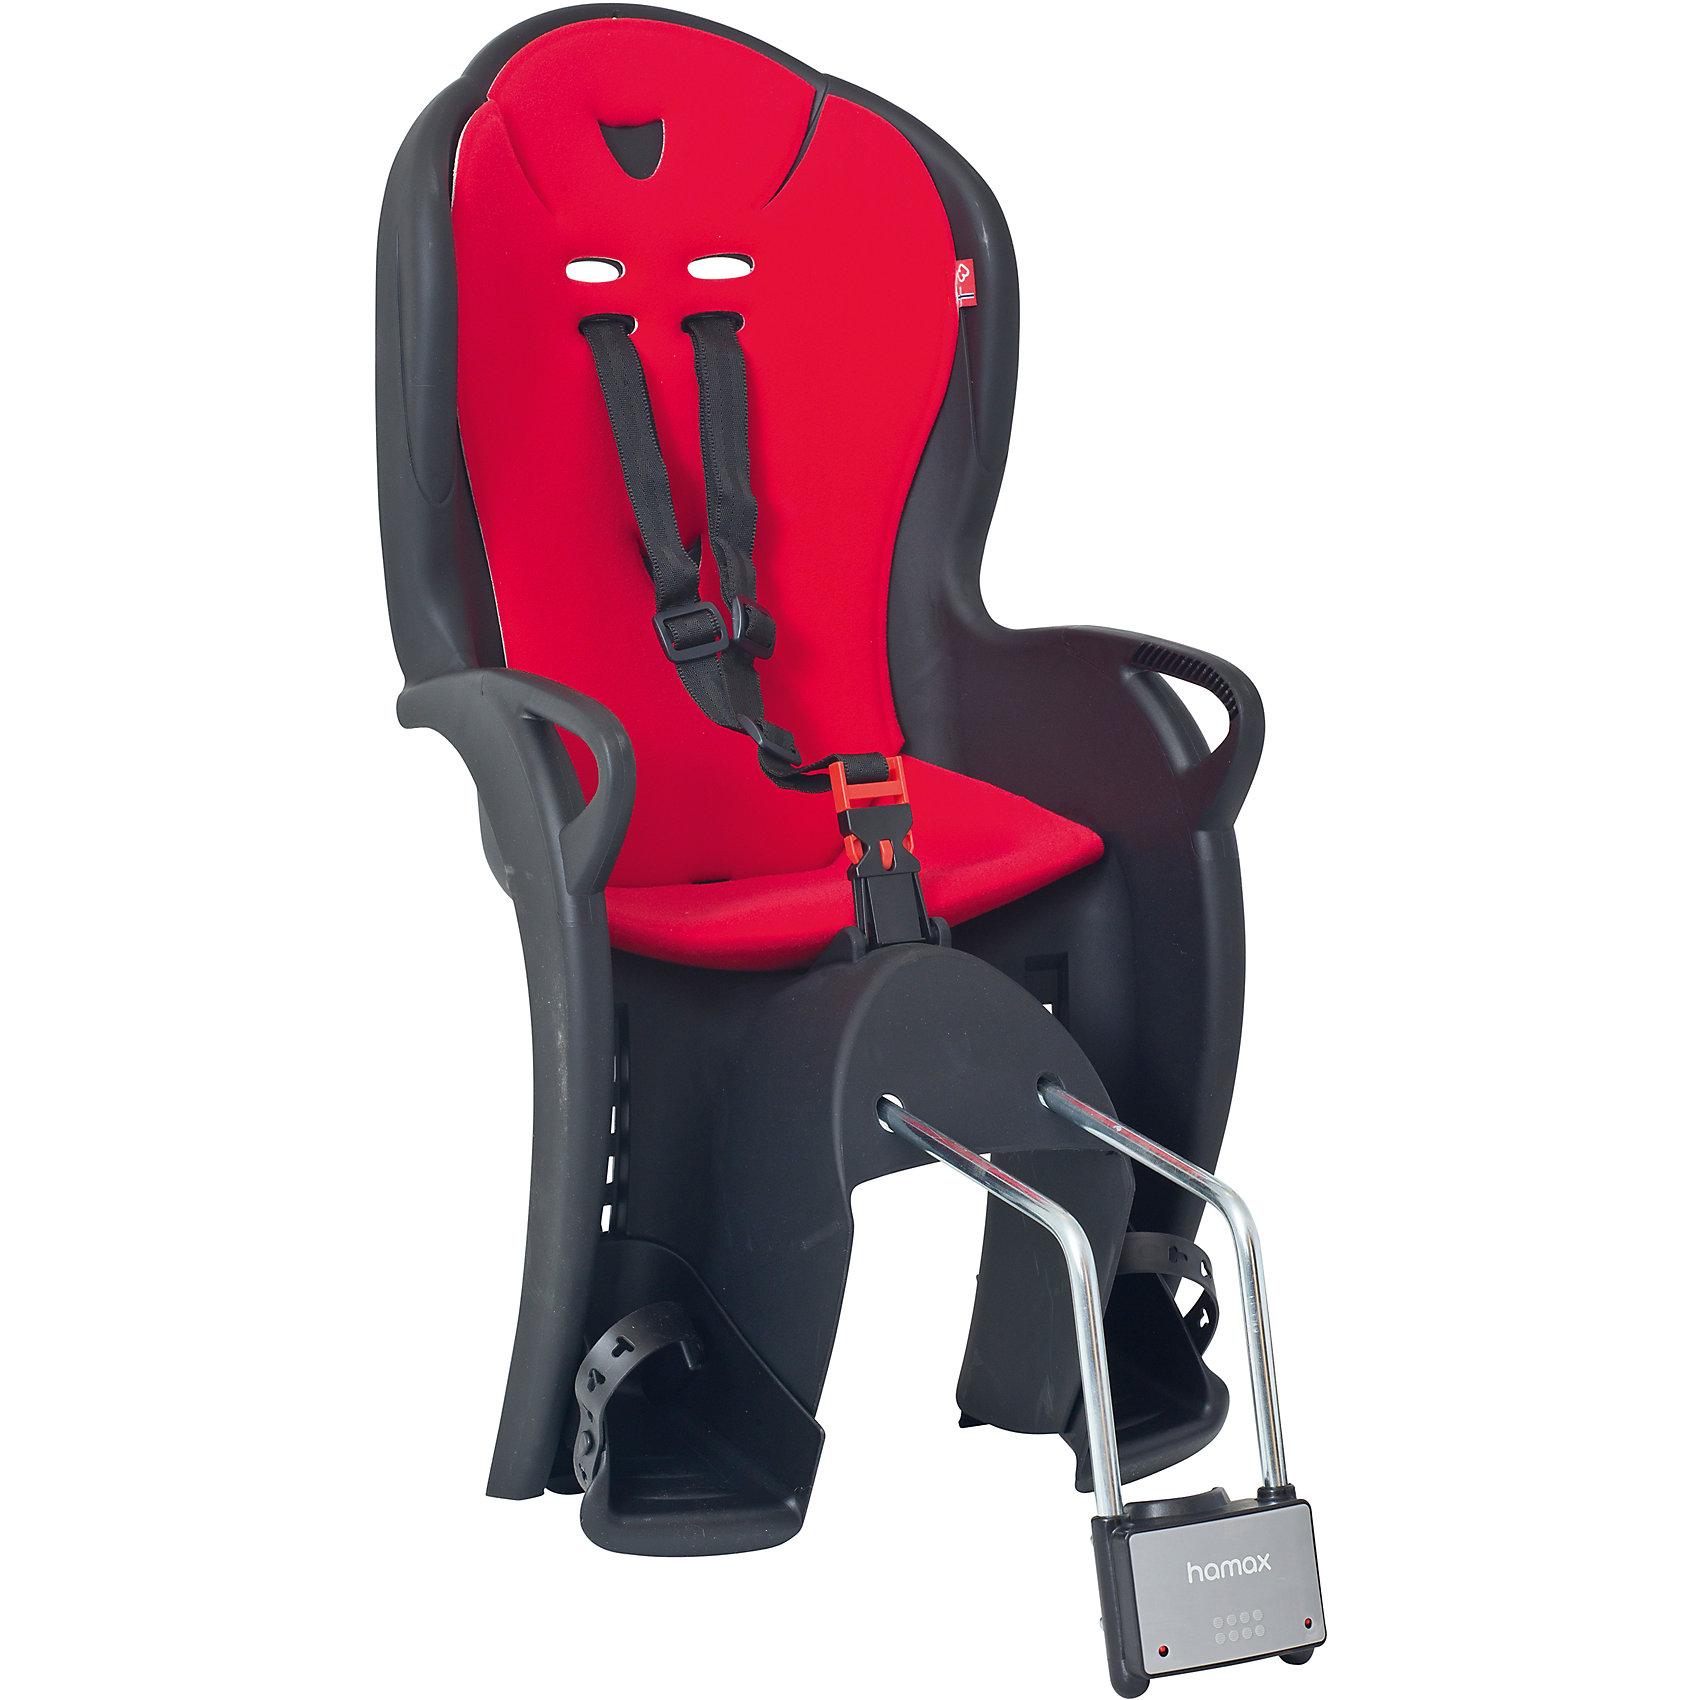 Детское велокресло Kiss, Hamax, черный/красныйАксеcсуары для велосипедов<br>Характеристики товара:<br><br>• цвет: черный, красный<br>• возраст: от 9 мес.<br>• ограничение по весу: до 22кг<br>• безопасный и простой монтаж<br>• регулируемый ремень безопасности и опоры<br>• пояс-пряжка не может быть открыт ребенком<br>• высокая задняя опора<br>• установка на раму с диаметром трубы 28-40 мм<br>• тросики в области крепления не помешают установке<br>• материал: полипропилен, текстиль, металл<br>• страна бренда: Польша<br>• вес: 3590гр<br>• размер: 38х79х35см<br><br>Функциональное и удобное велокресло Hamax Kiss обеспечит комфорт и безопасность вашему ребенку во время велопрогулок.<br><br>Hamax рекомендует, что ребенок должен всегда носить шлем при использовании детского сиденья.<br><br>Детское велокресло Kiss, Hamax, черный/красный можно купить в нашем интернет-магазине.<br><br>Ширина мм: 380<br>Глубина мм: 790<br>Высота мм: 350<br>Вес г: 3590<br>Возраст от месяцев: 9<br>Возраст до месяцев: 48<br>Пол: Унисекс<br>Возраст: Детский<br>SKU: 5582600